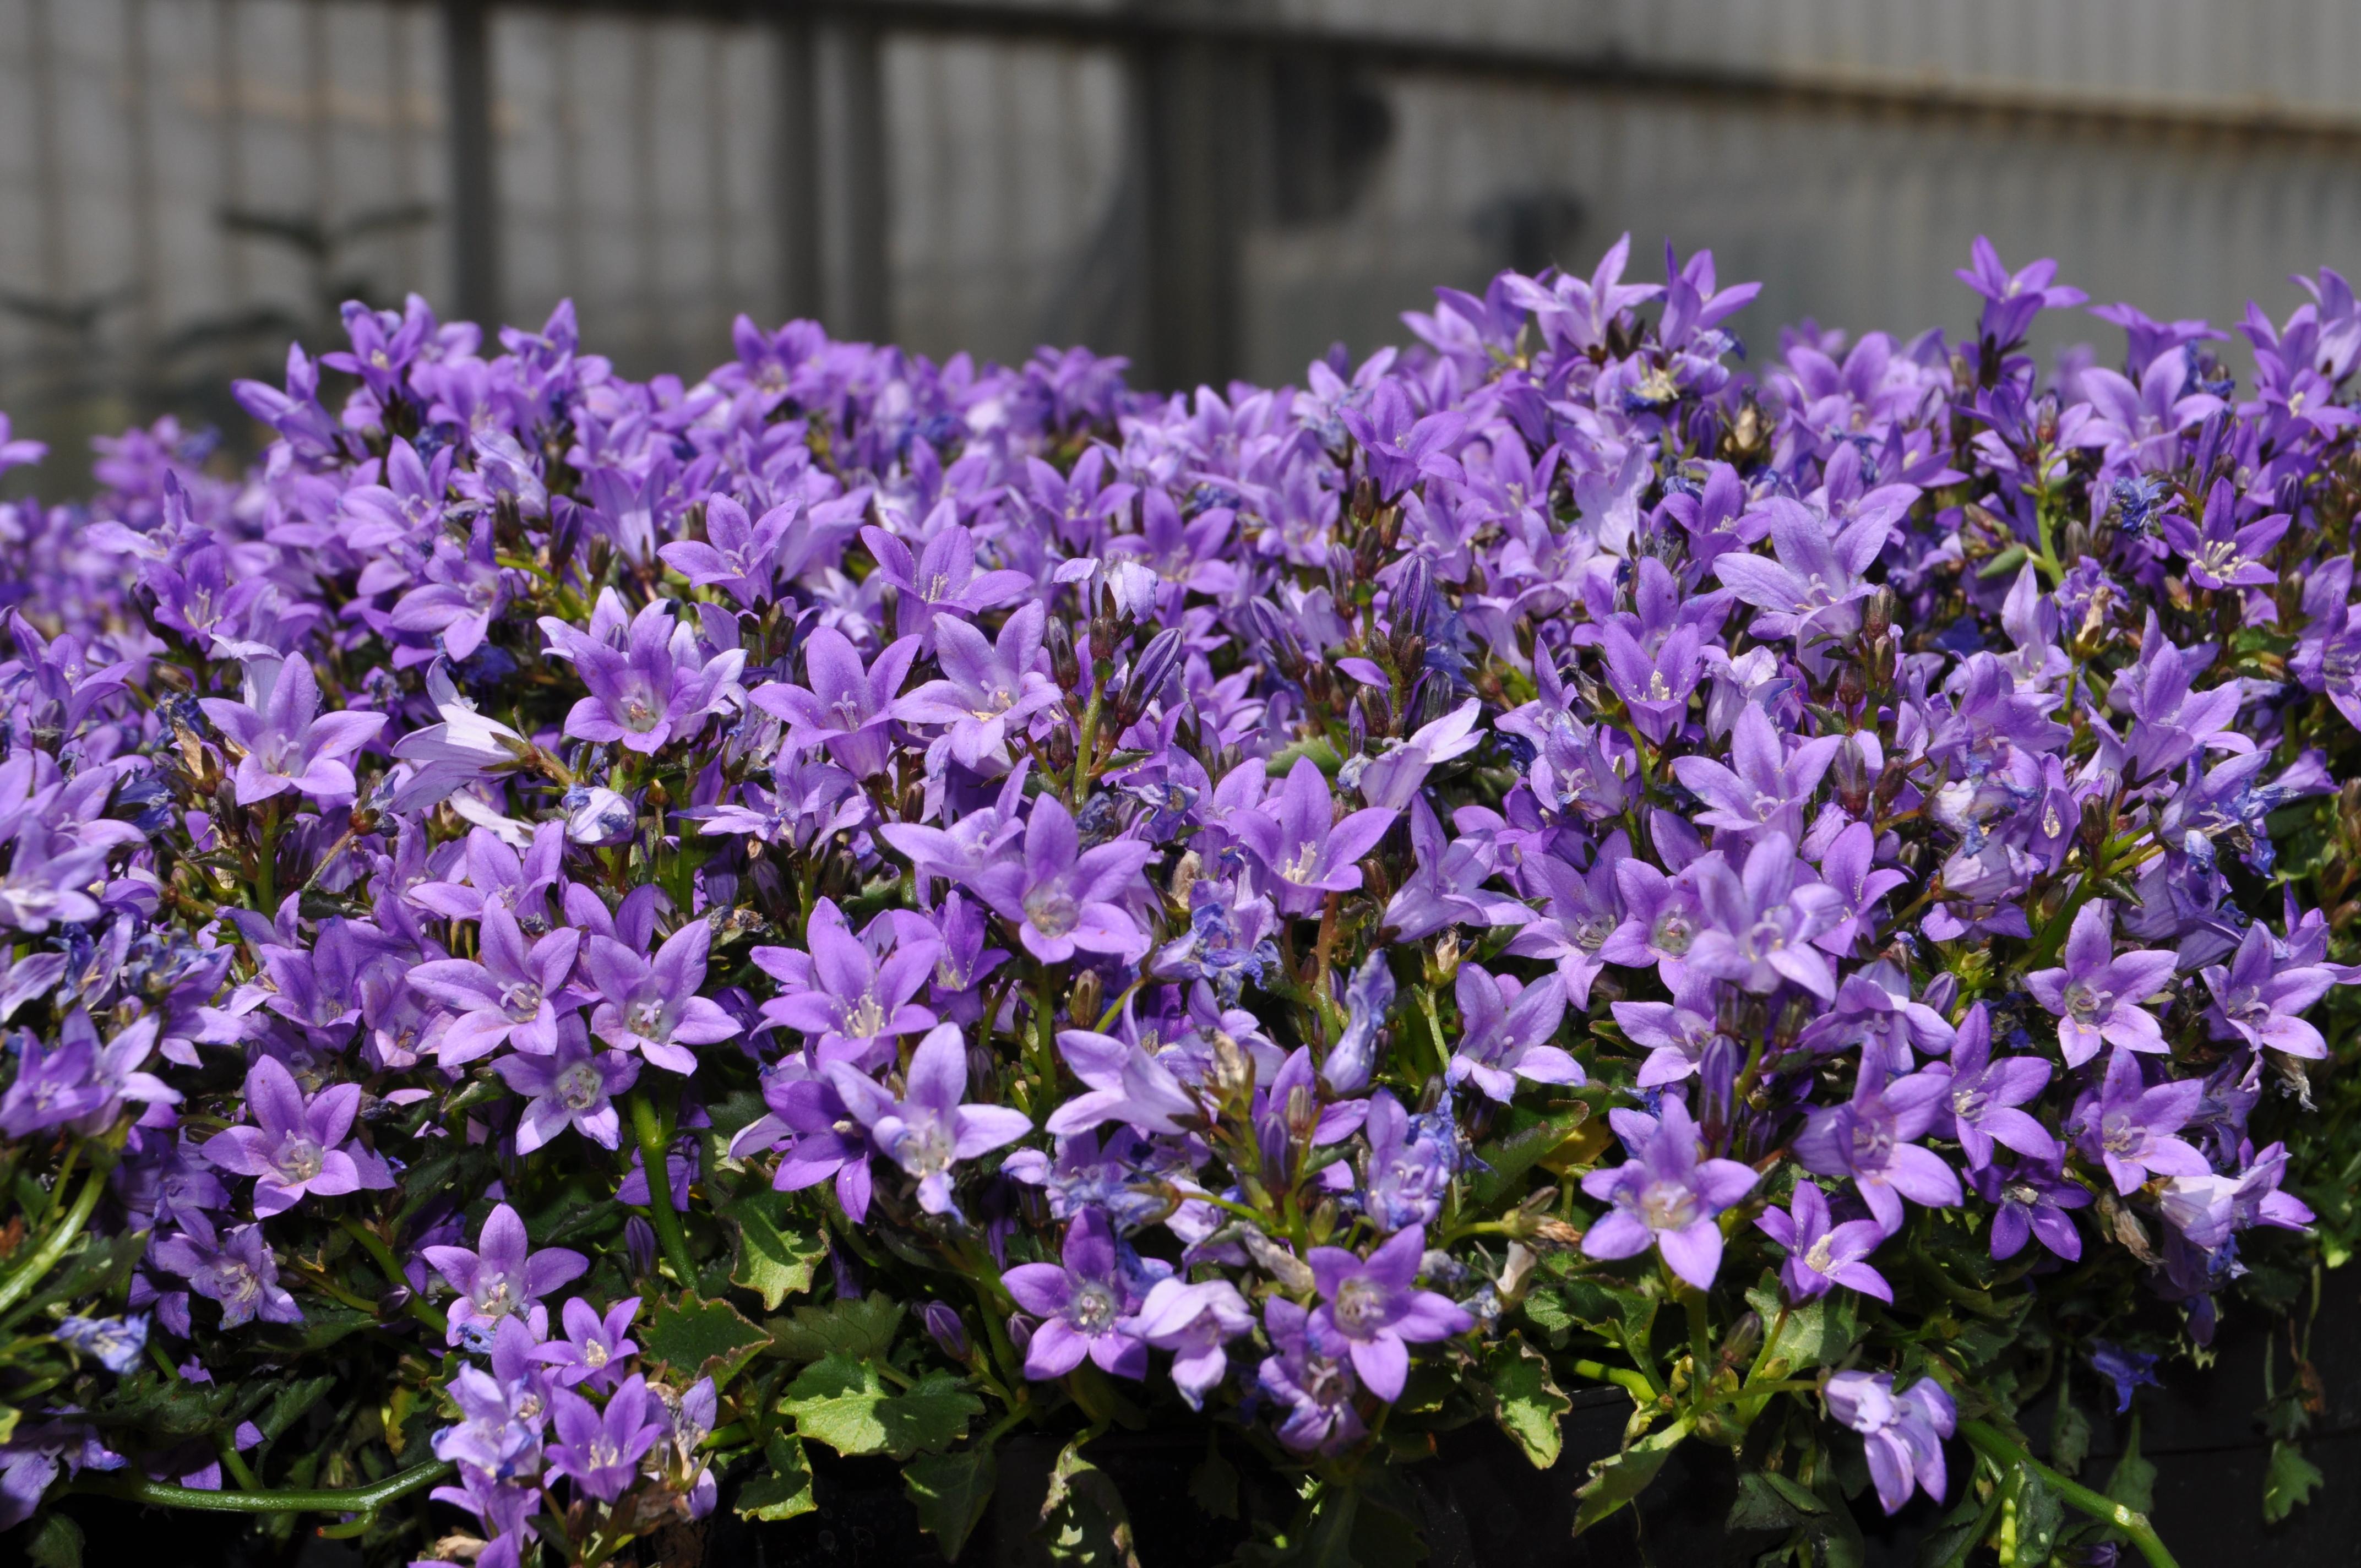 Piante da orto e giardino - Piante esotiche da giardino ...